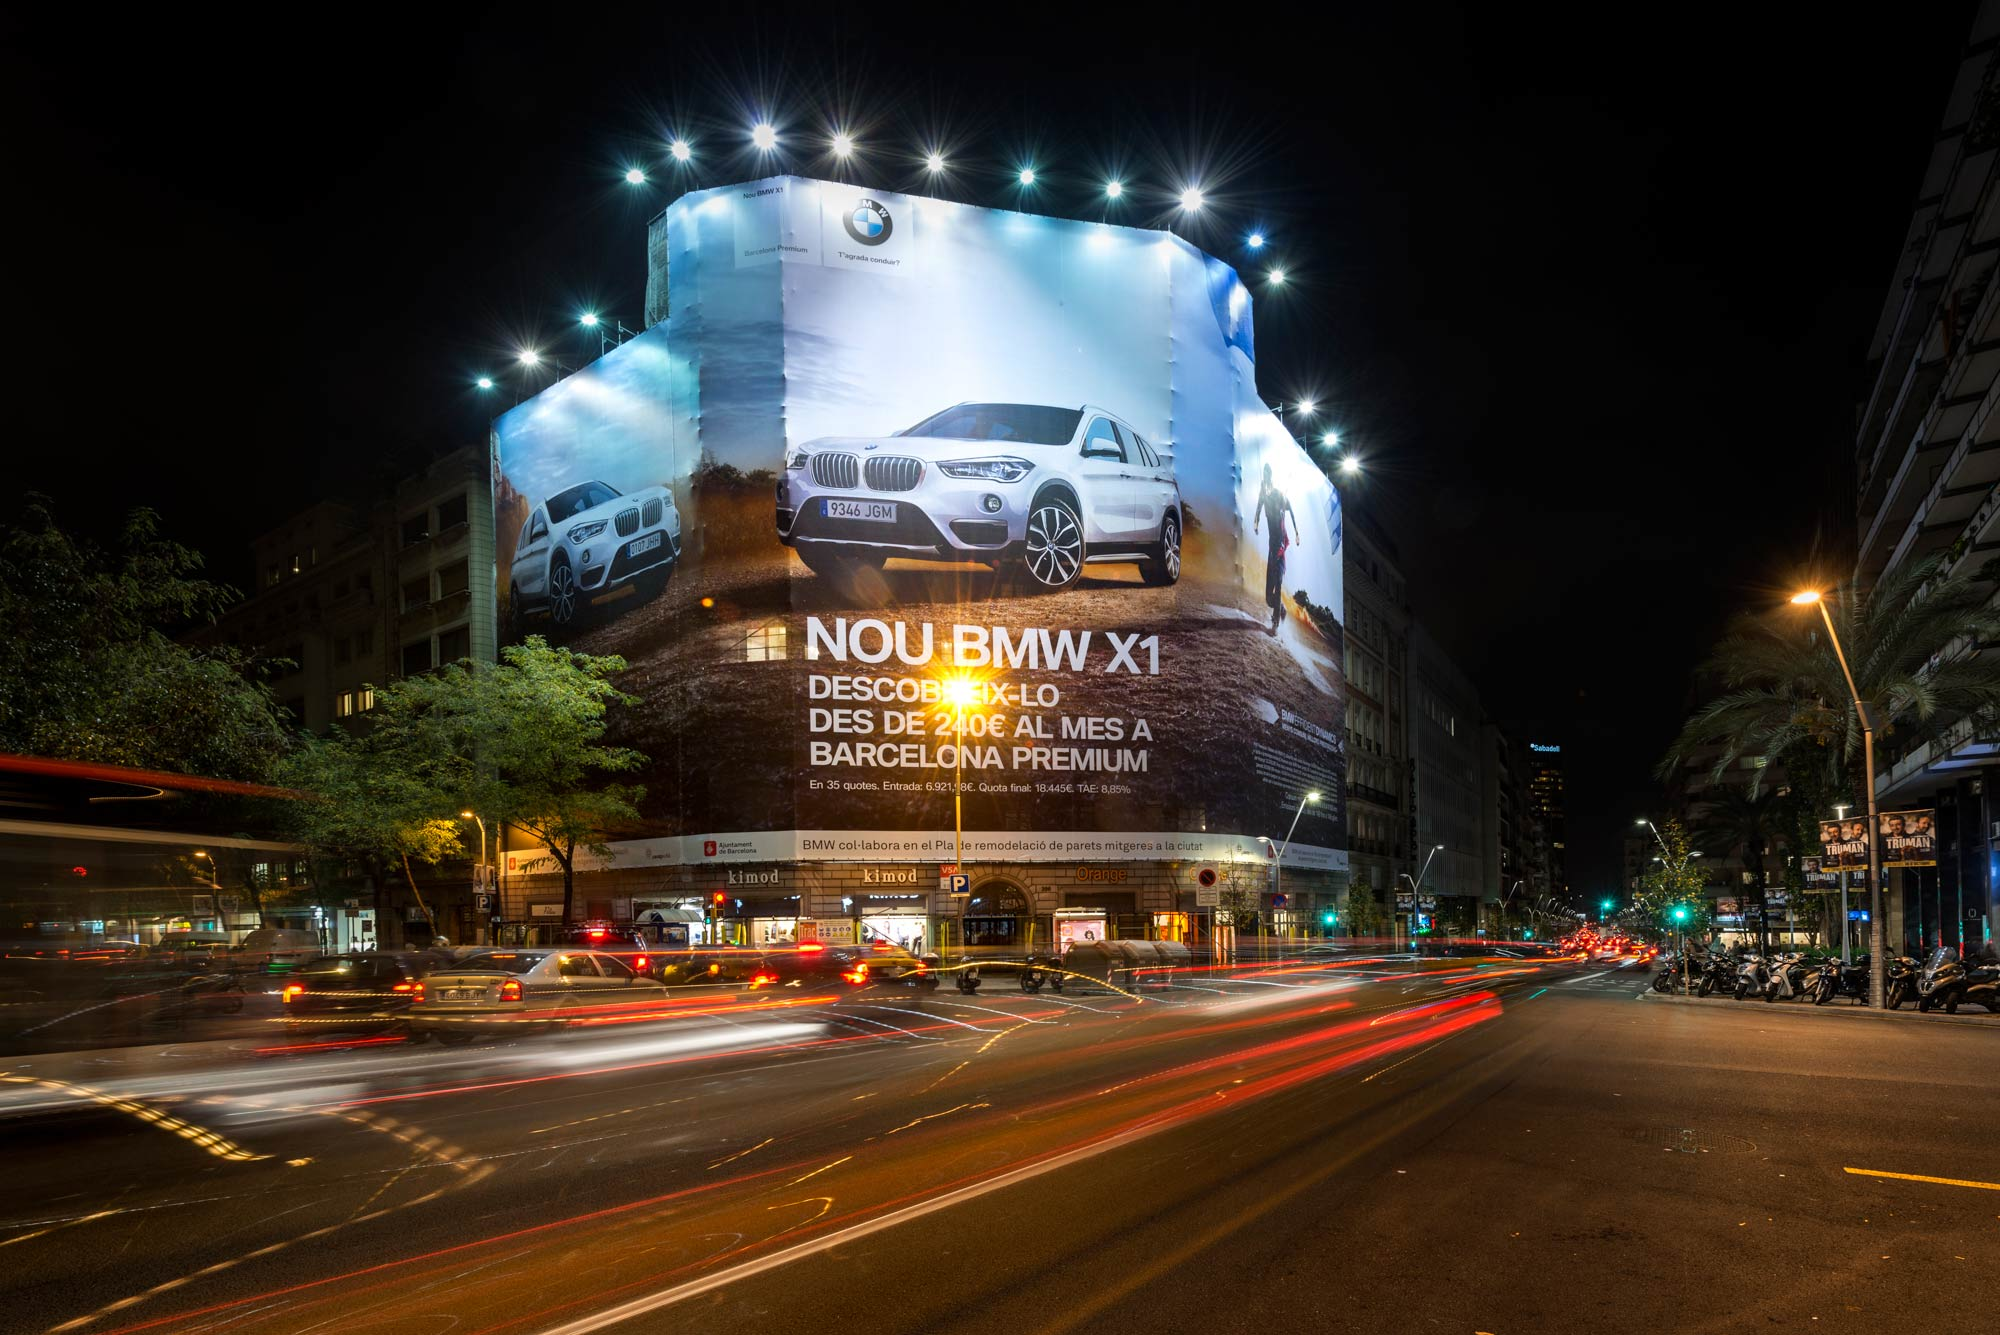 lona-publicitaria-barcelona-bmw-x1-balmes-206-noche-vsa-comunicacion